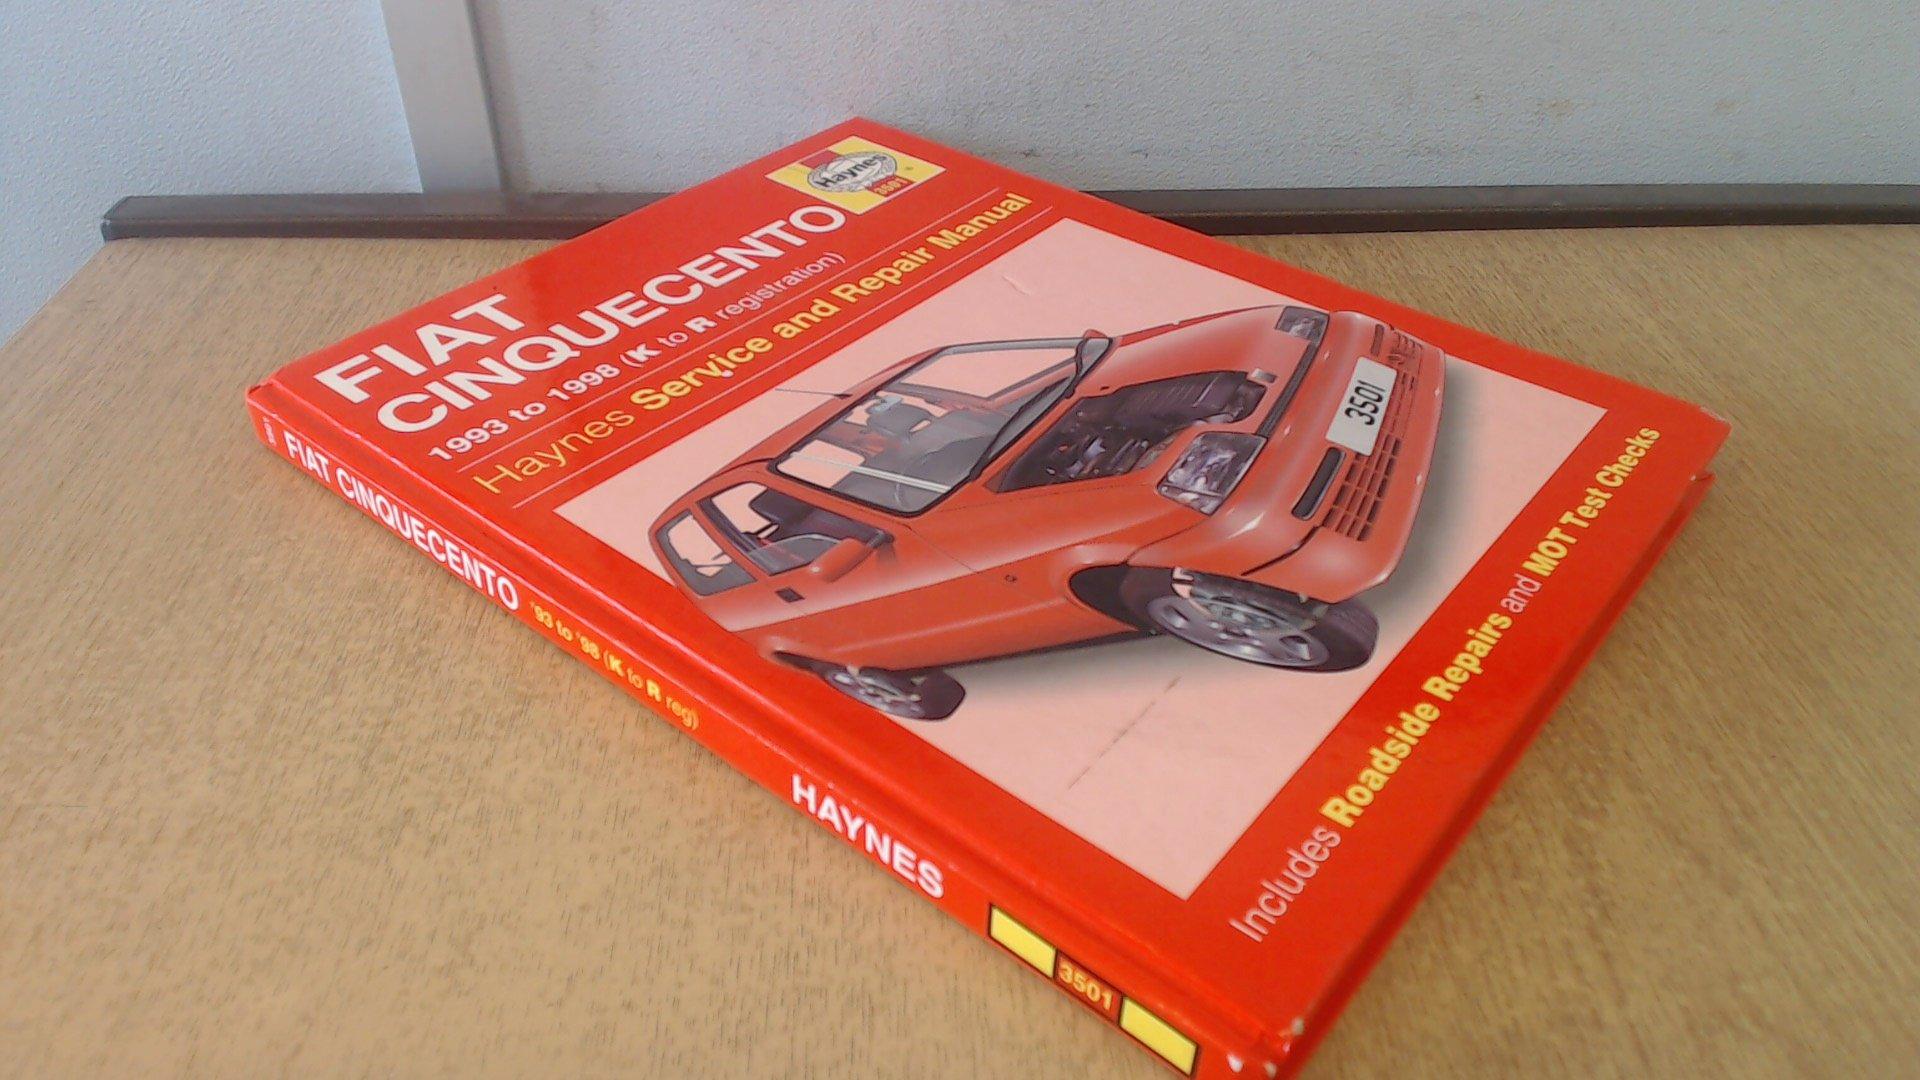 Hanes Fiat 500 Manual Loz Mini 1607 Md Burger Array Haynes Repair Cinquento Rh Iworkedatraleigh Com